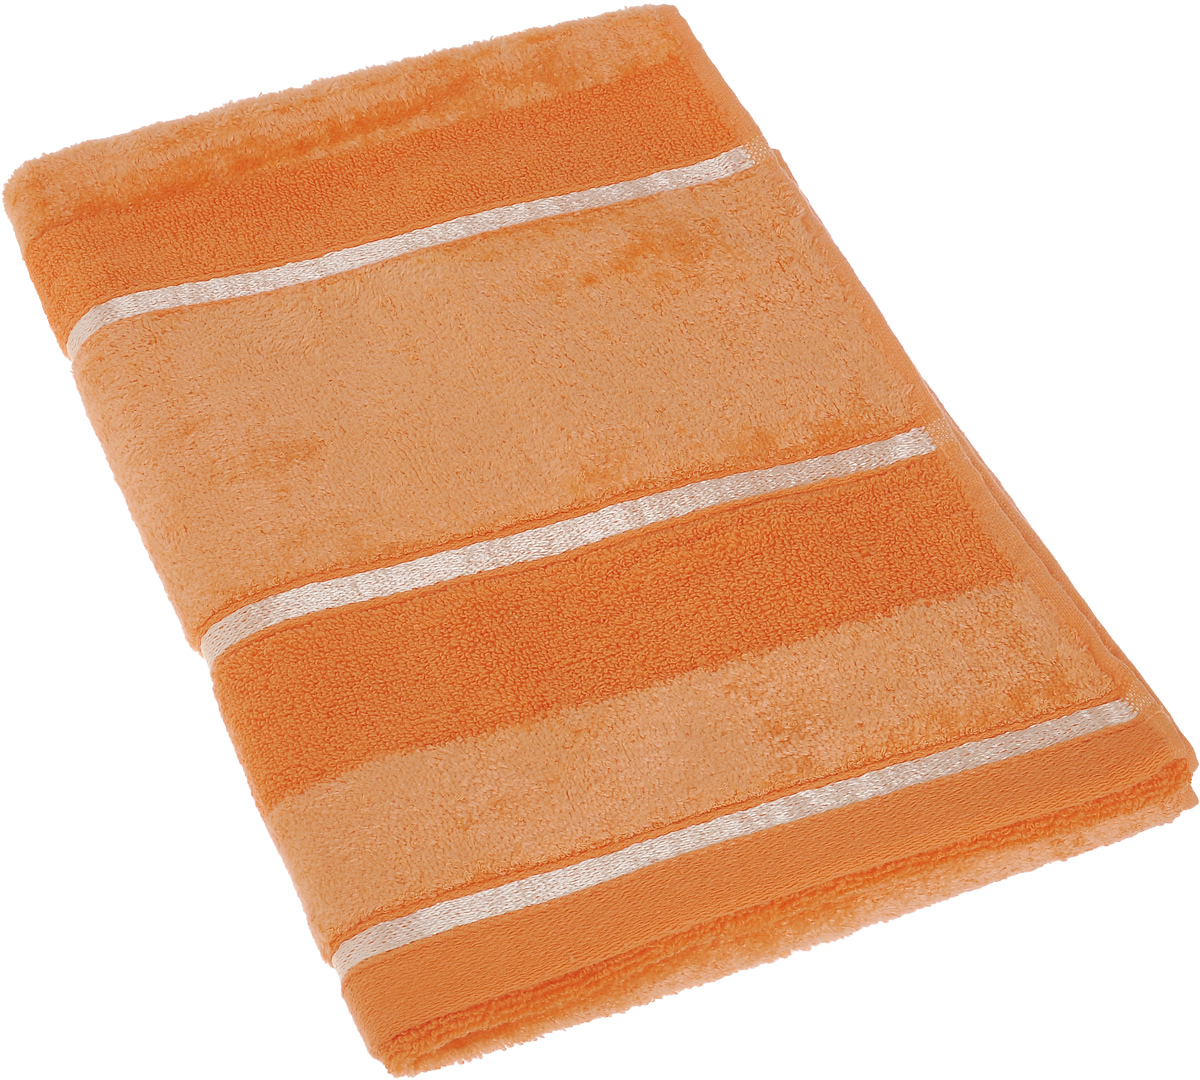 Полотенце Soavita Louise, цвет: оранжевый, 50 х 90 см68/5/3Полотенце Soavita Louise выполнено из 100% хлопка. Все детали качественно прошиты, ткань очень плотная, не линяет и держится много лет. Изделие отлично впитывает влагу, быстро сохнет, сохраняет яркость цвета и не теряет форму даже после многократных стирок. Полотенце очень практично и неприхотливо в уходе. Оно создаст прекрасное настроение и украсит интерьер в ванной комнате.